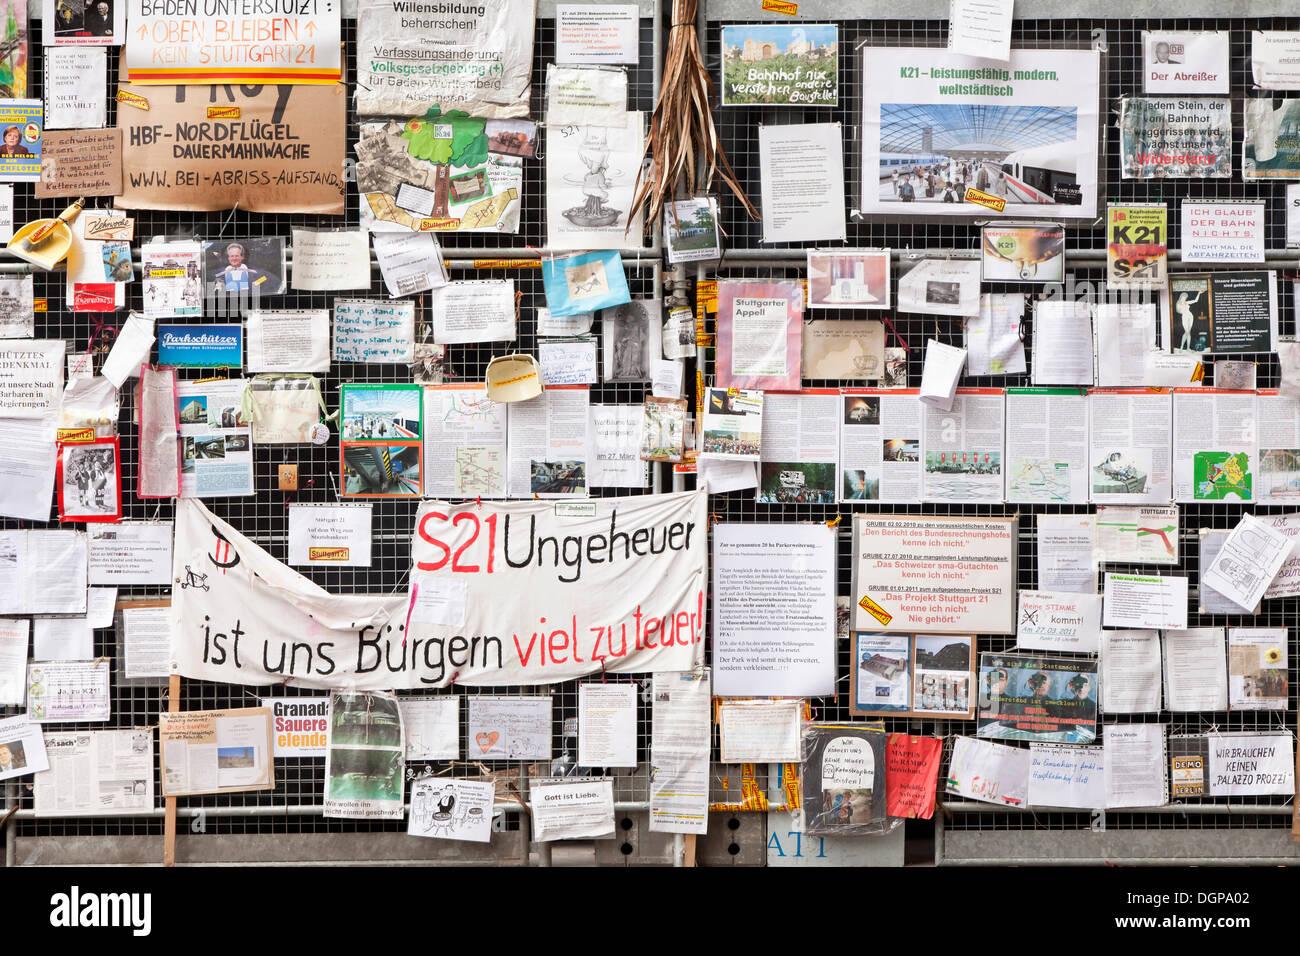 Protest gegen Bahnprojekt Stuttgart 21 auf einen Bauzaun, jetzt im Haus der Geschichte Baden-Württemberg, Poster Stockbild